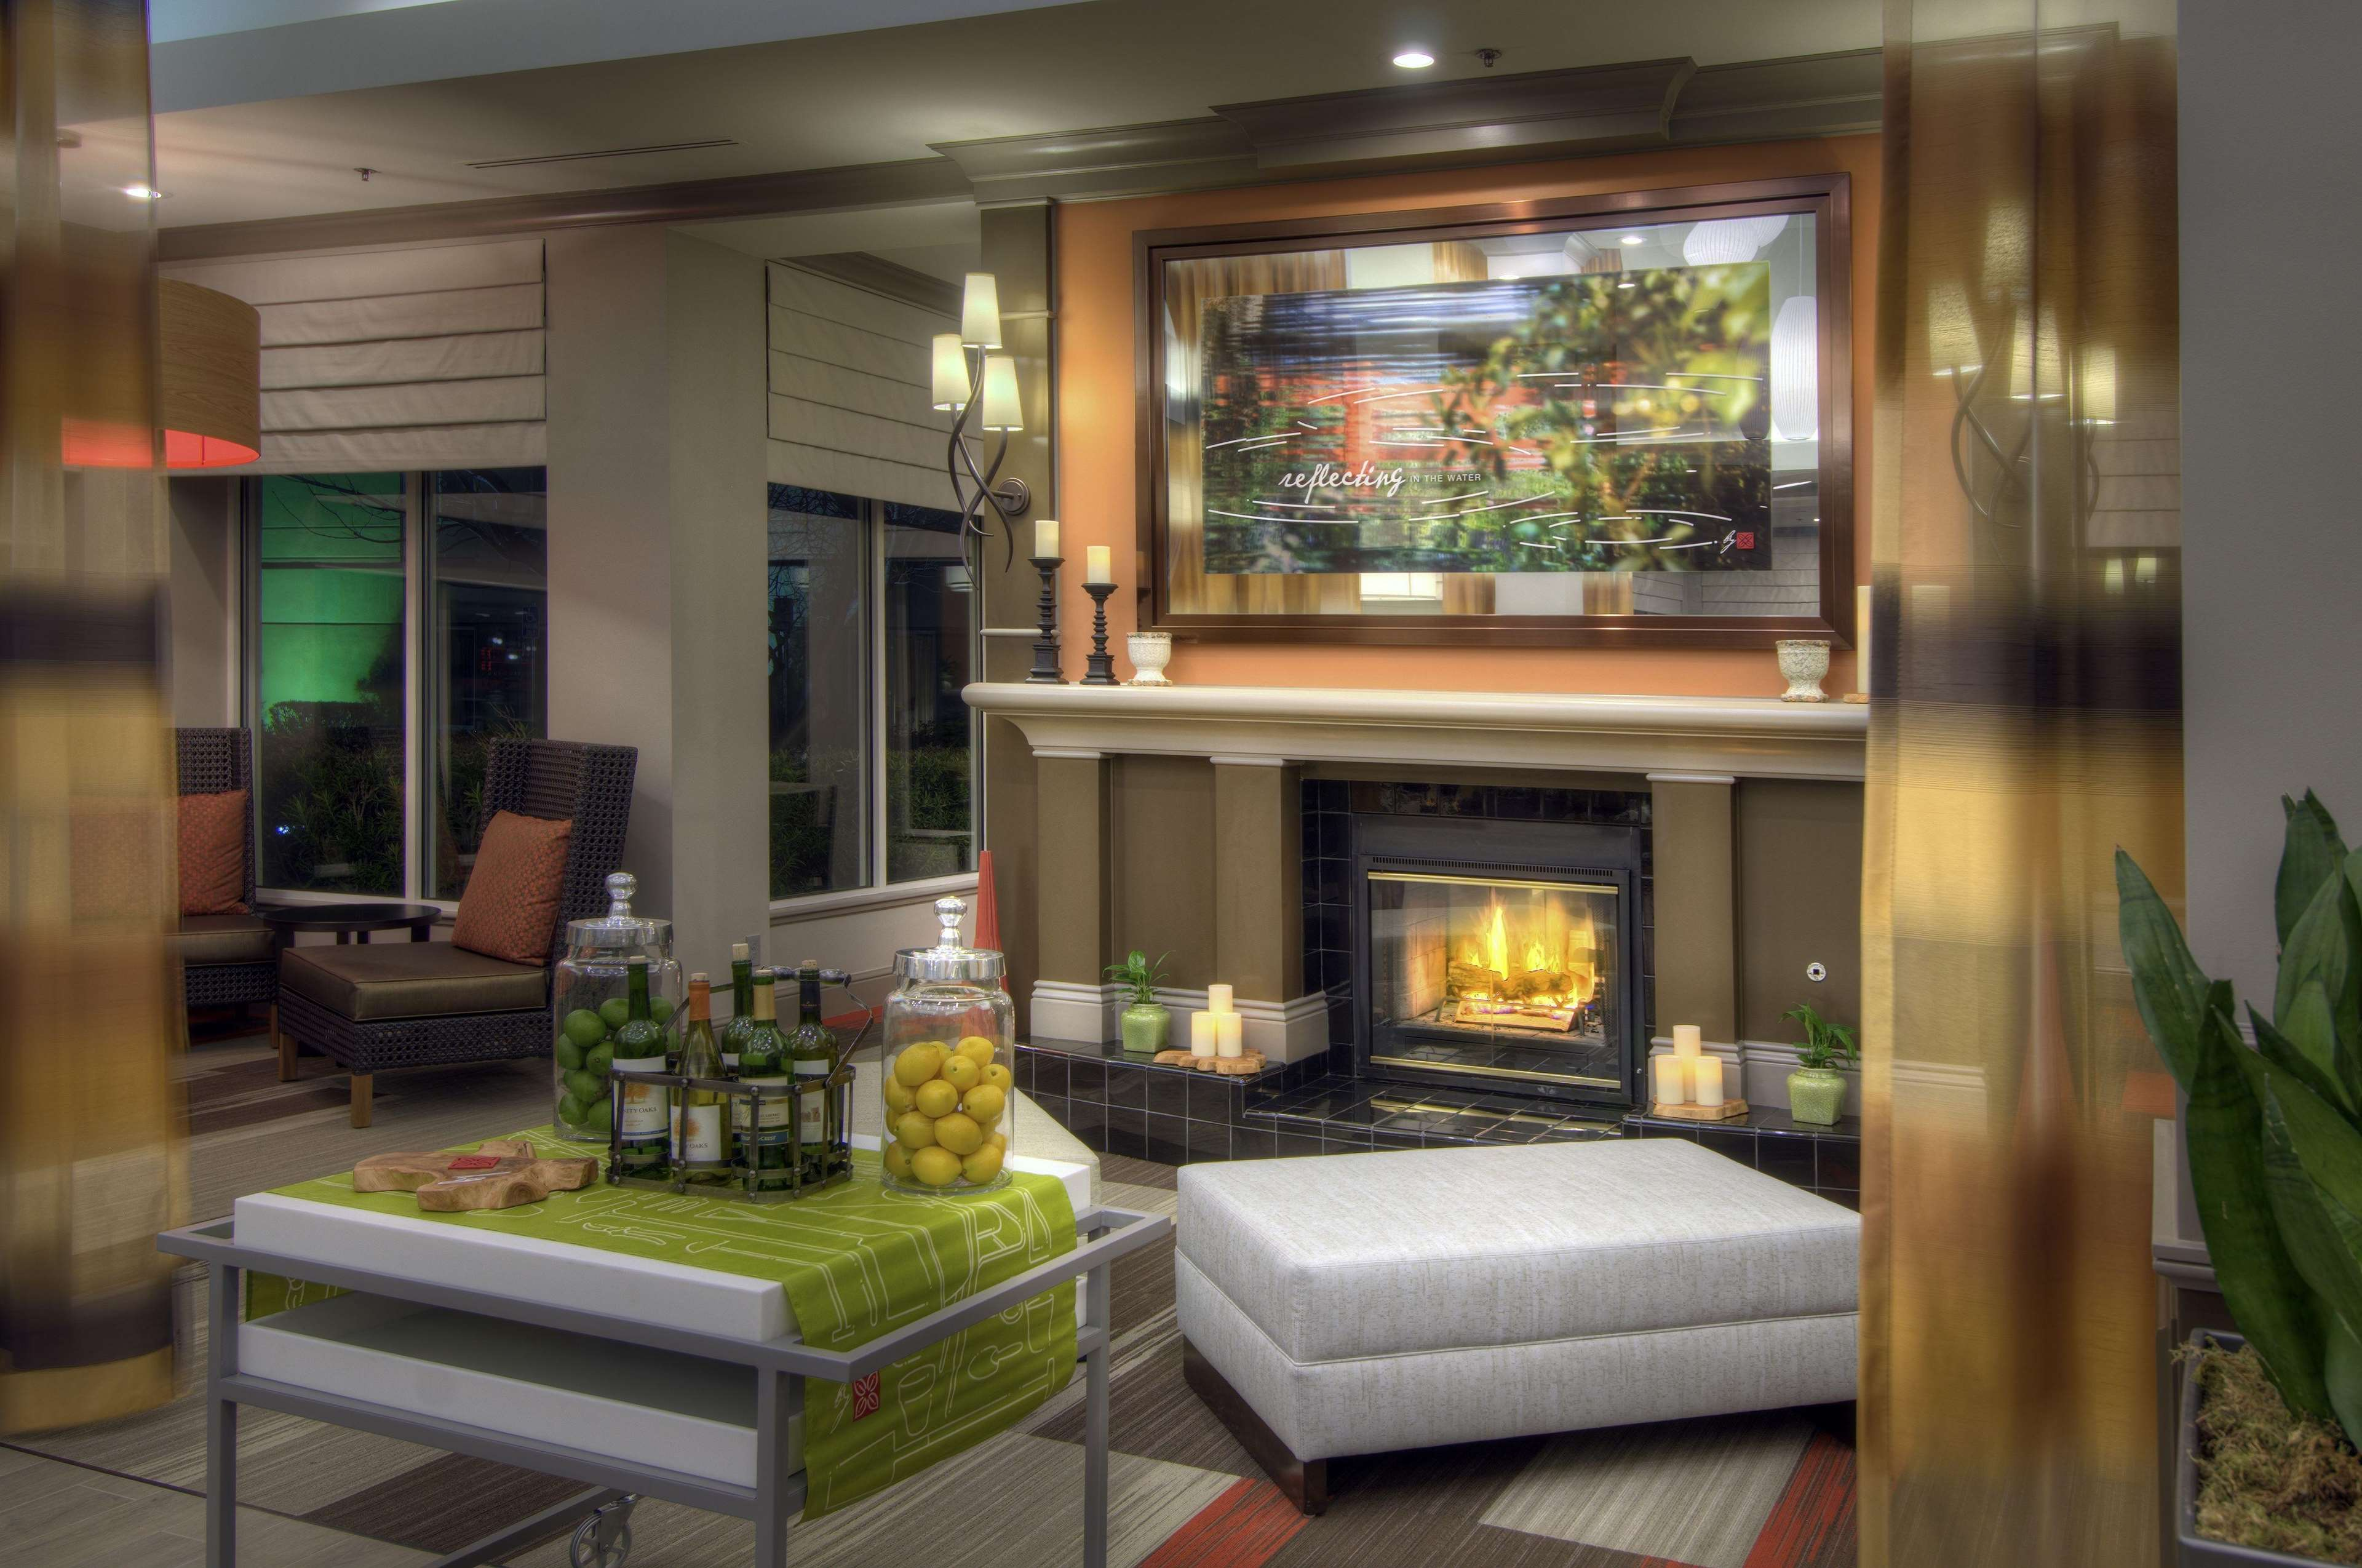 Hilton Garden Inn Livermore 2801 Constitution Drive Livermore, CA ...